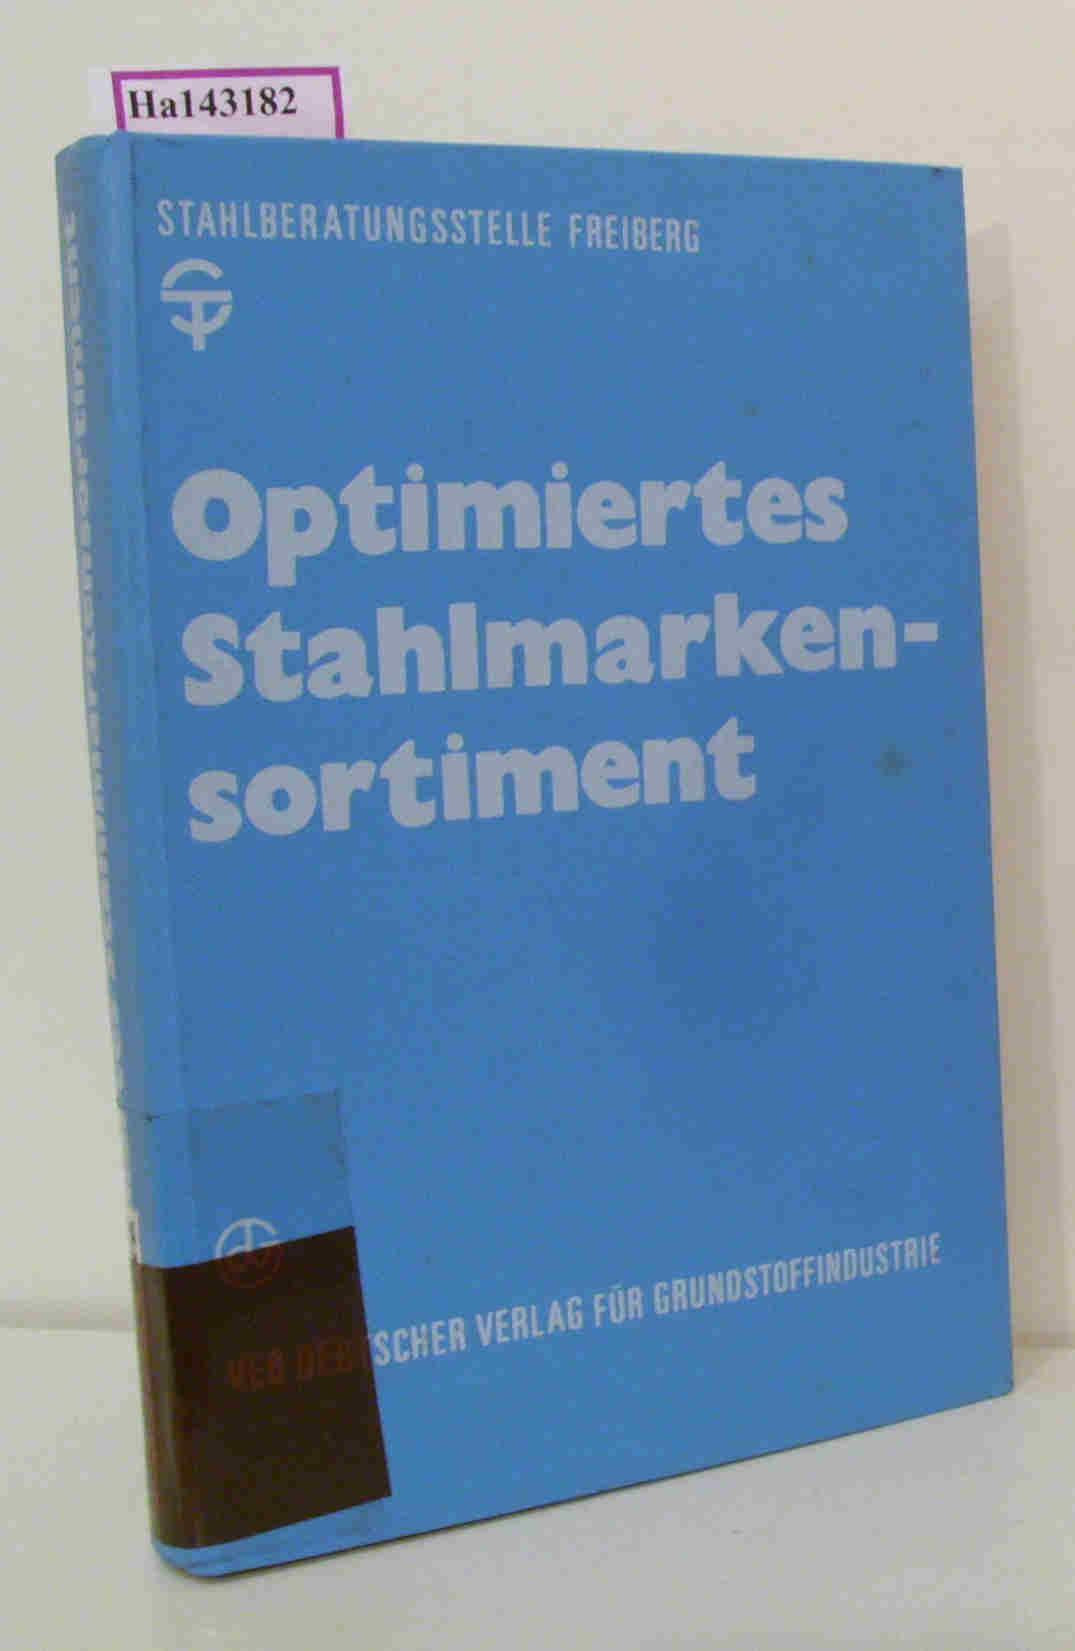 Optimiertes Stahlmarkensortiment. Werkstoffblätter der Stahlmarkenhauptgruppen 1 bis 9.